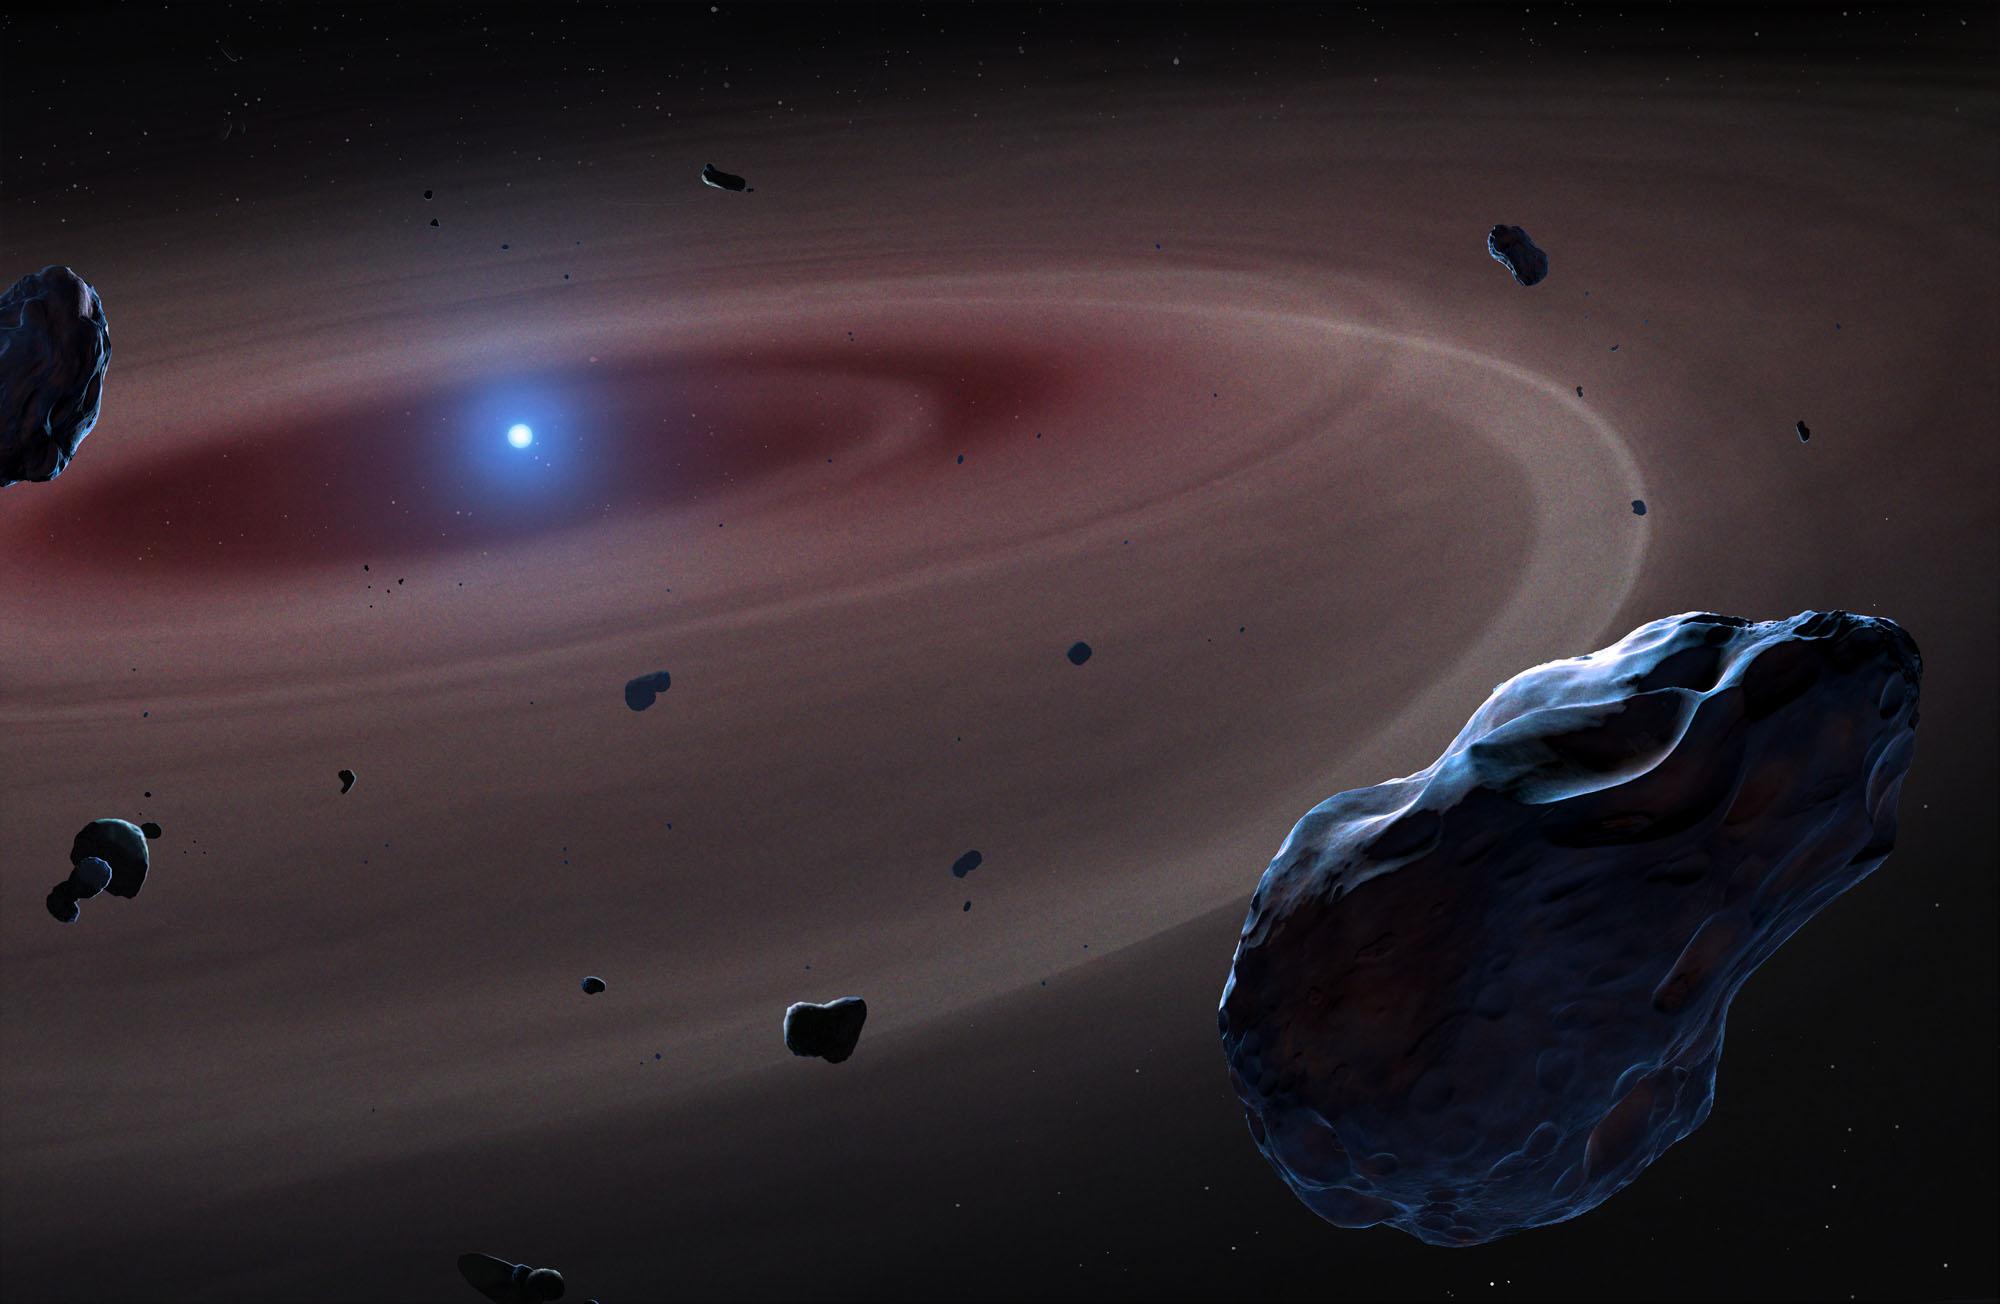 Графитовый эксперимент освещает новый свет на гигантских планетах, белых карликах и лазерном слиянии